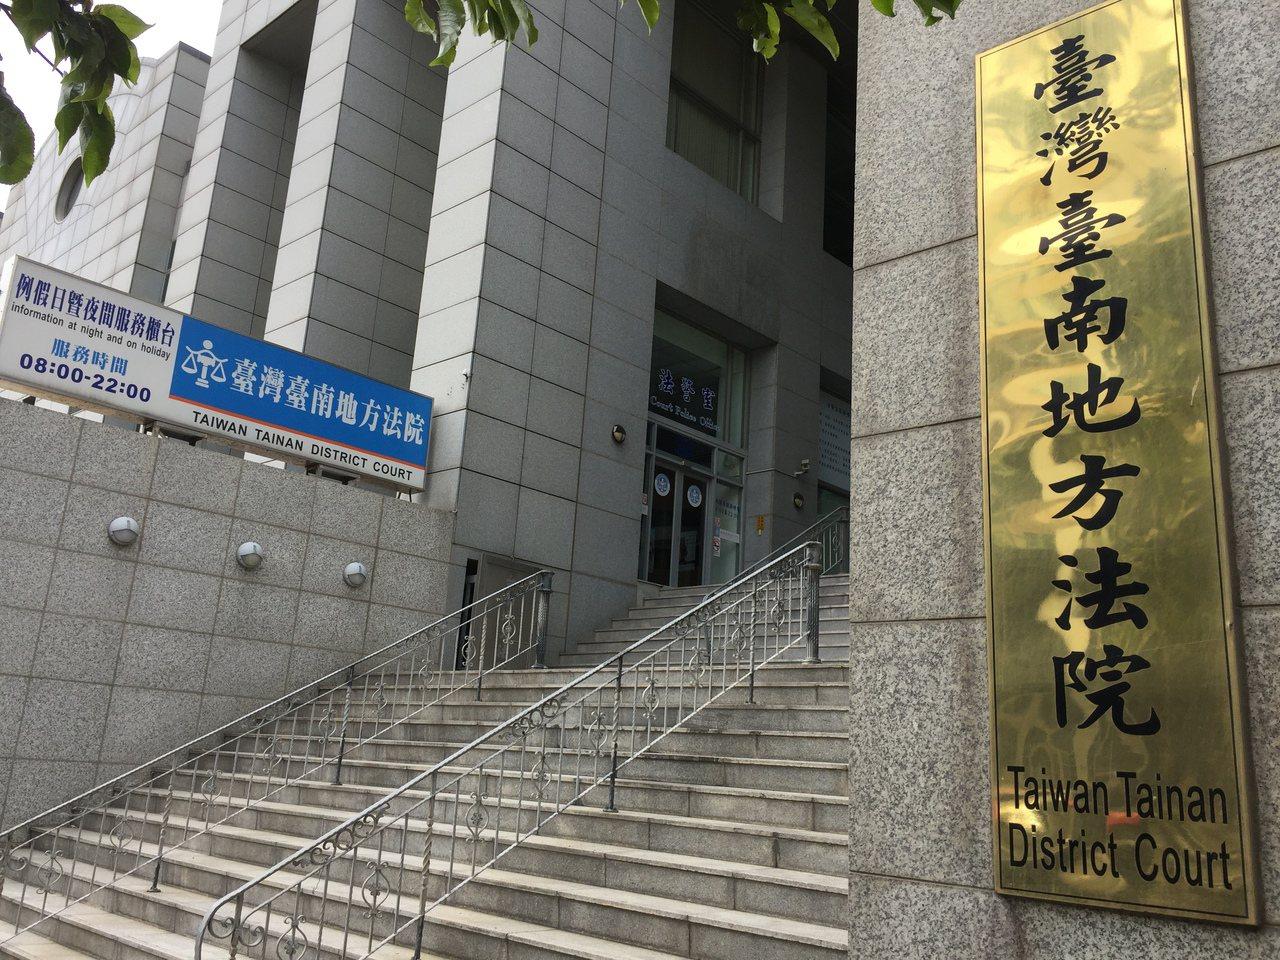 台南市一中醫診所徵才限女性,違反性別工作平等法處罰鍰30萬元,不服提行政訴訟,台...